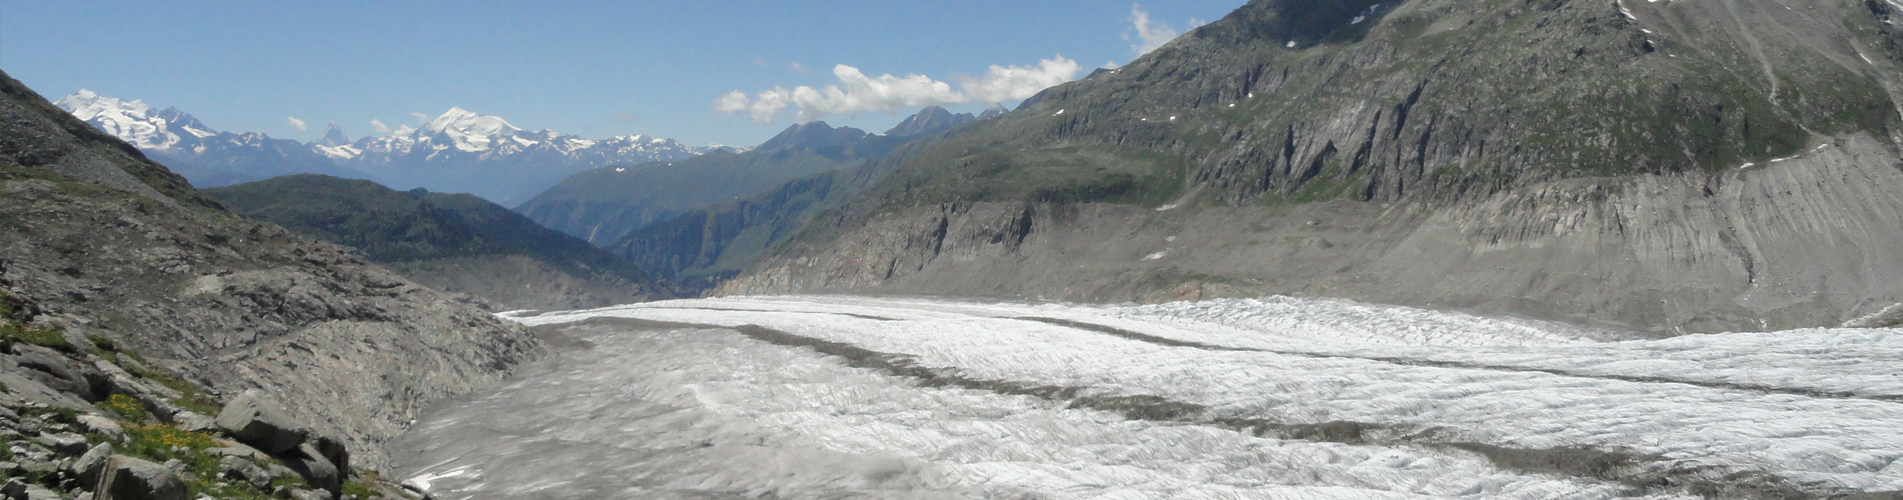 Höhenwege / Höhenwanderungen / Panoramawanderungen in der Schweiz